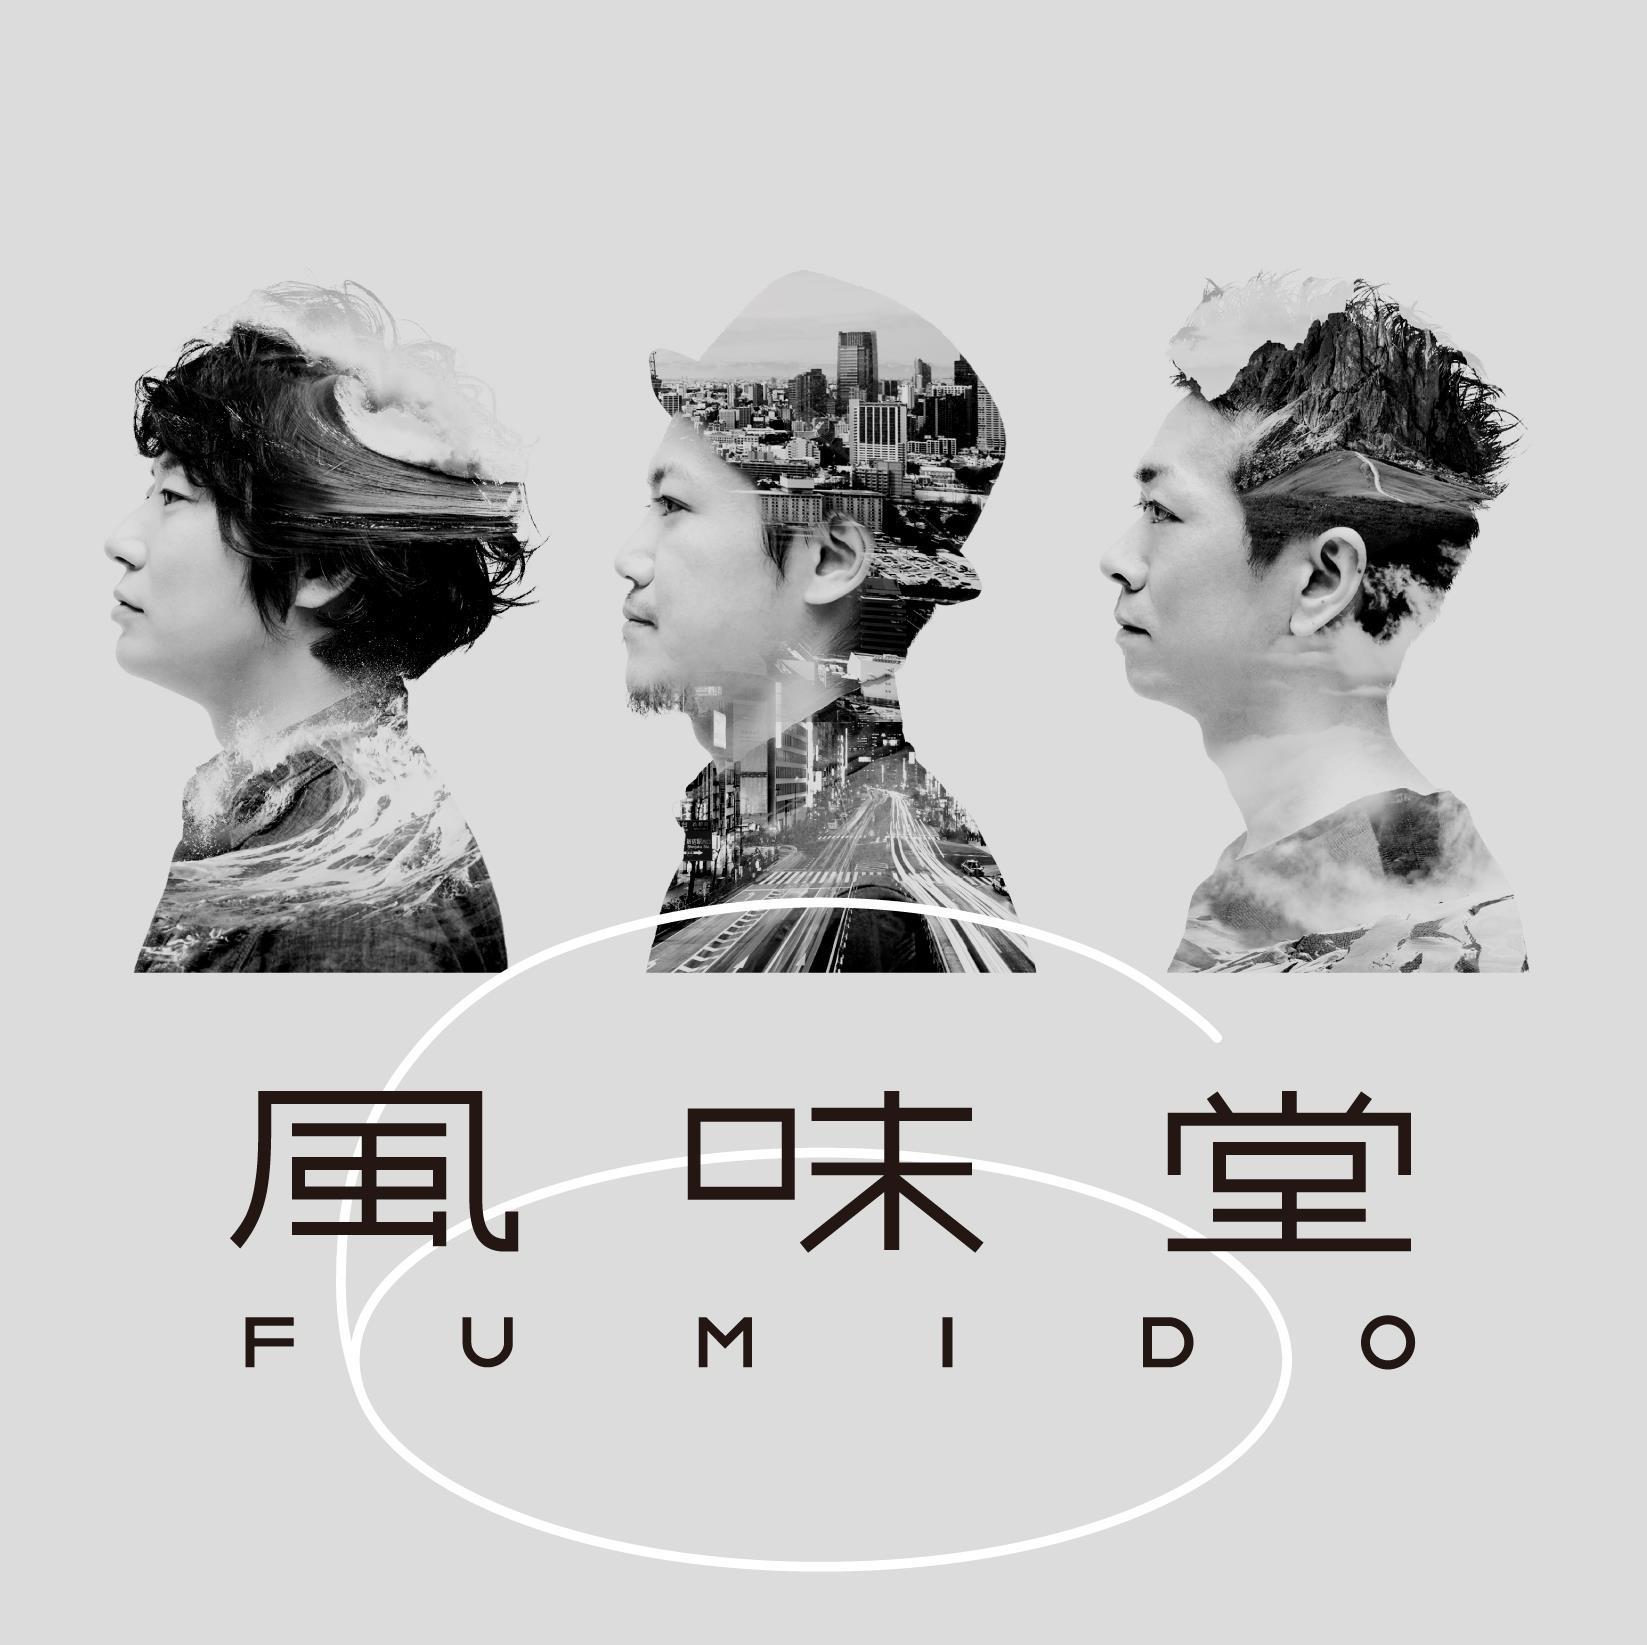 風味堂 (@_fumido_) | Twitter